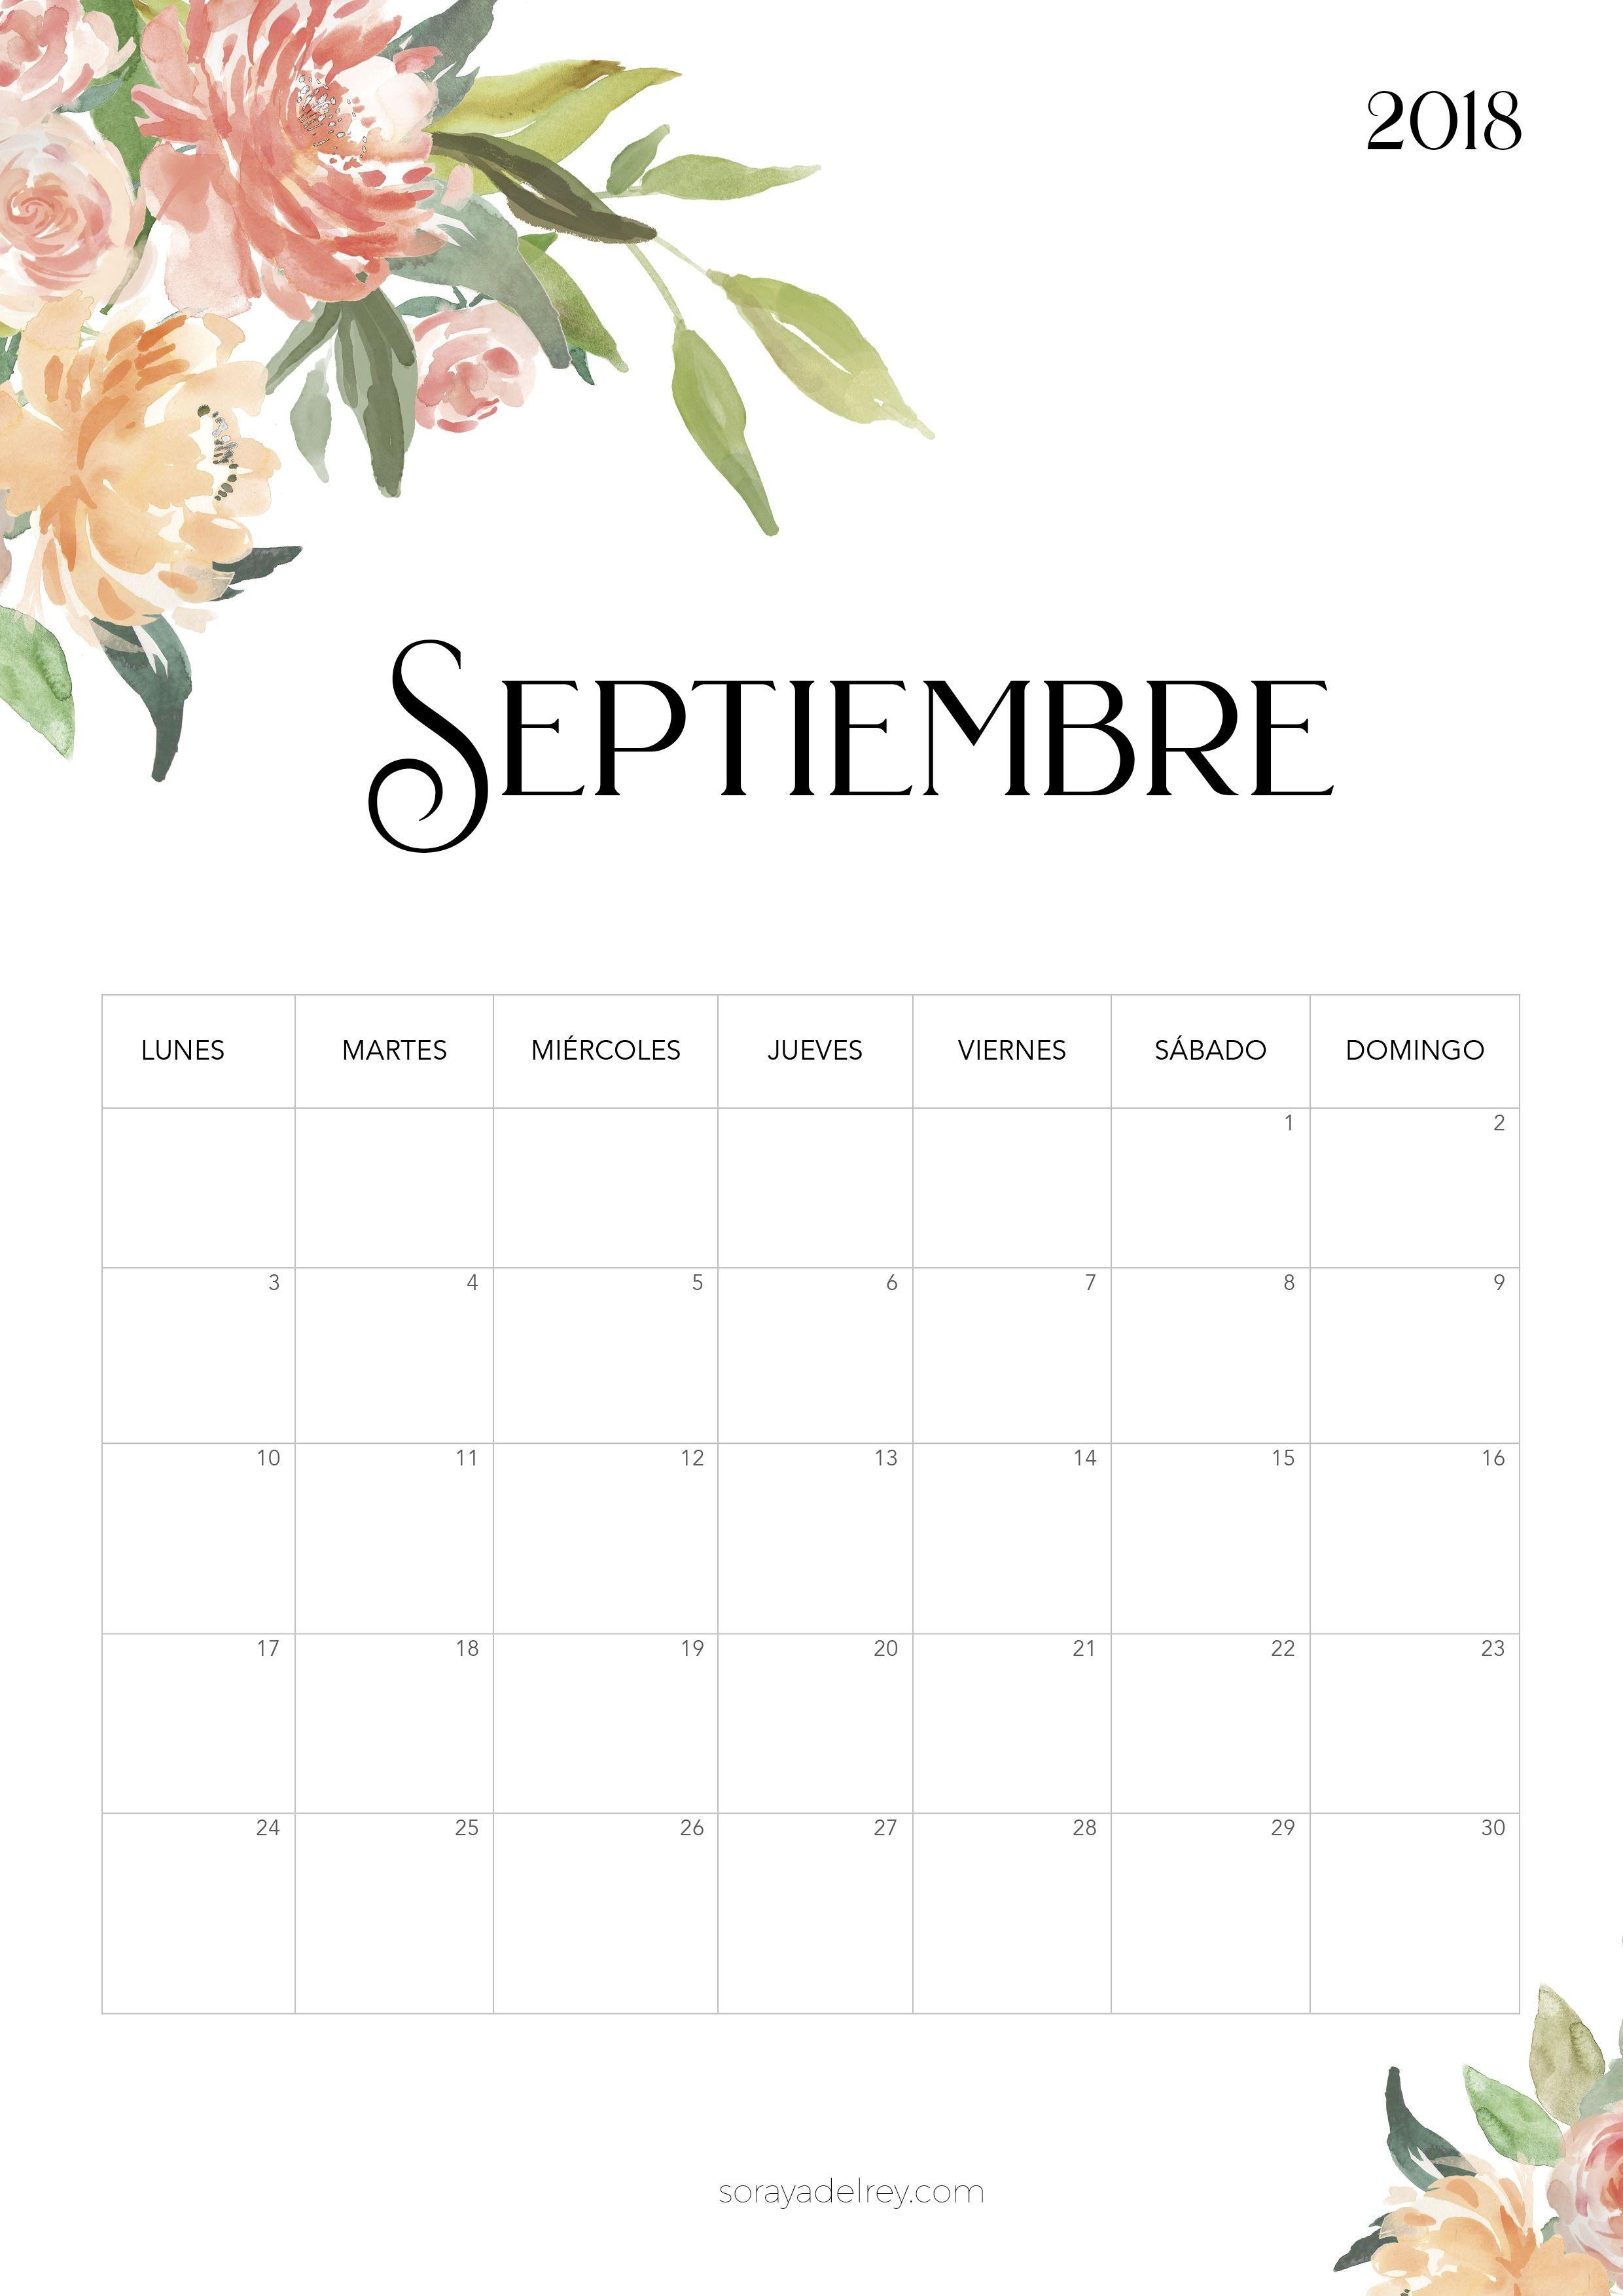 Calendario Escolar 2019 Imprimir Más Reciente Calendario Para Imprimir 2018 2019 Of Calendario Escolar 2019 Imprimir Actual Calendario 8 Agosto ☼ Calendario Pinterest